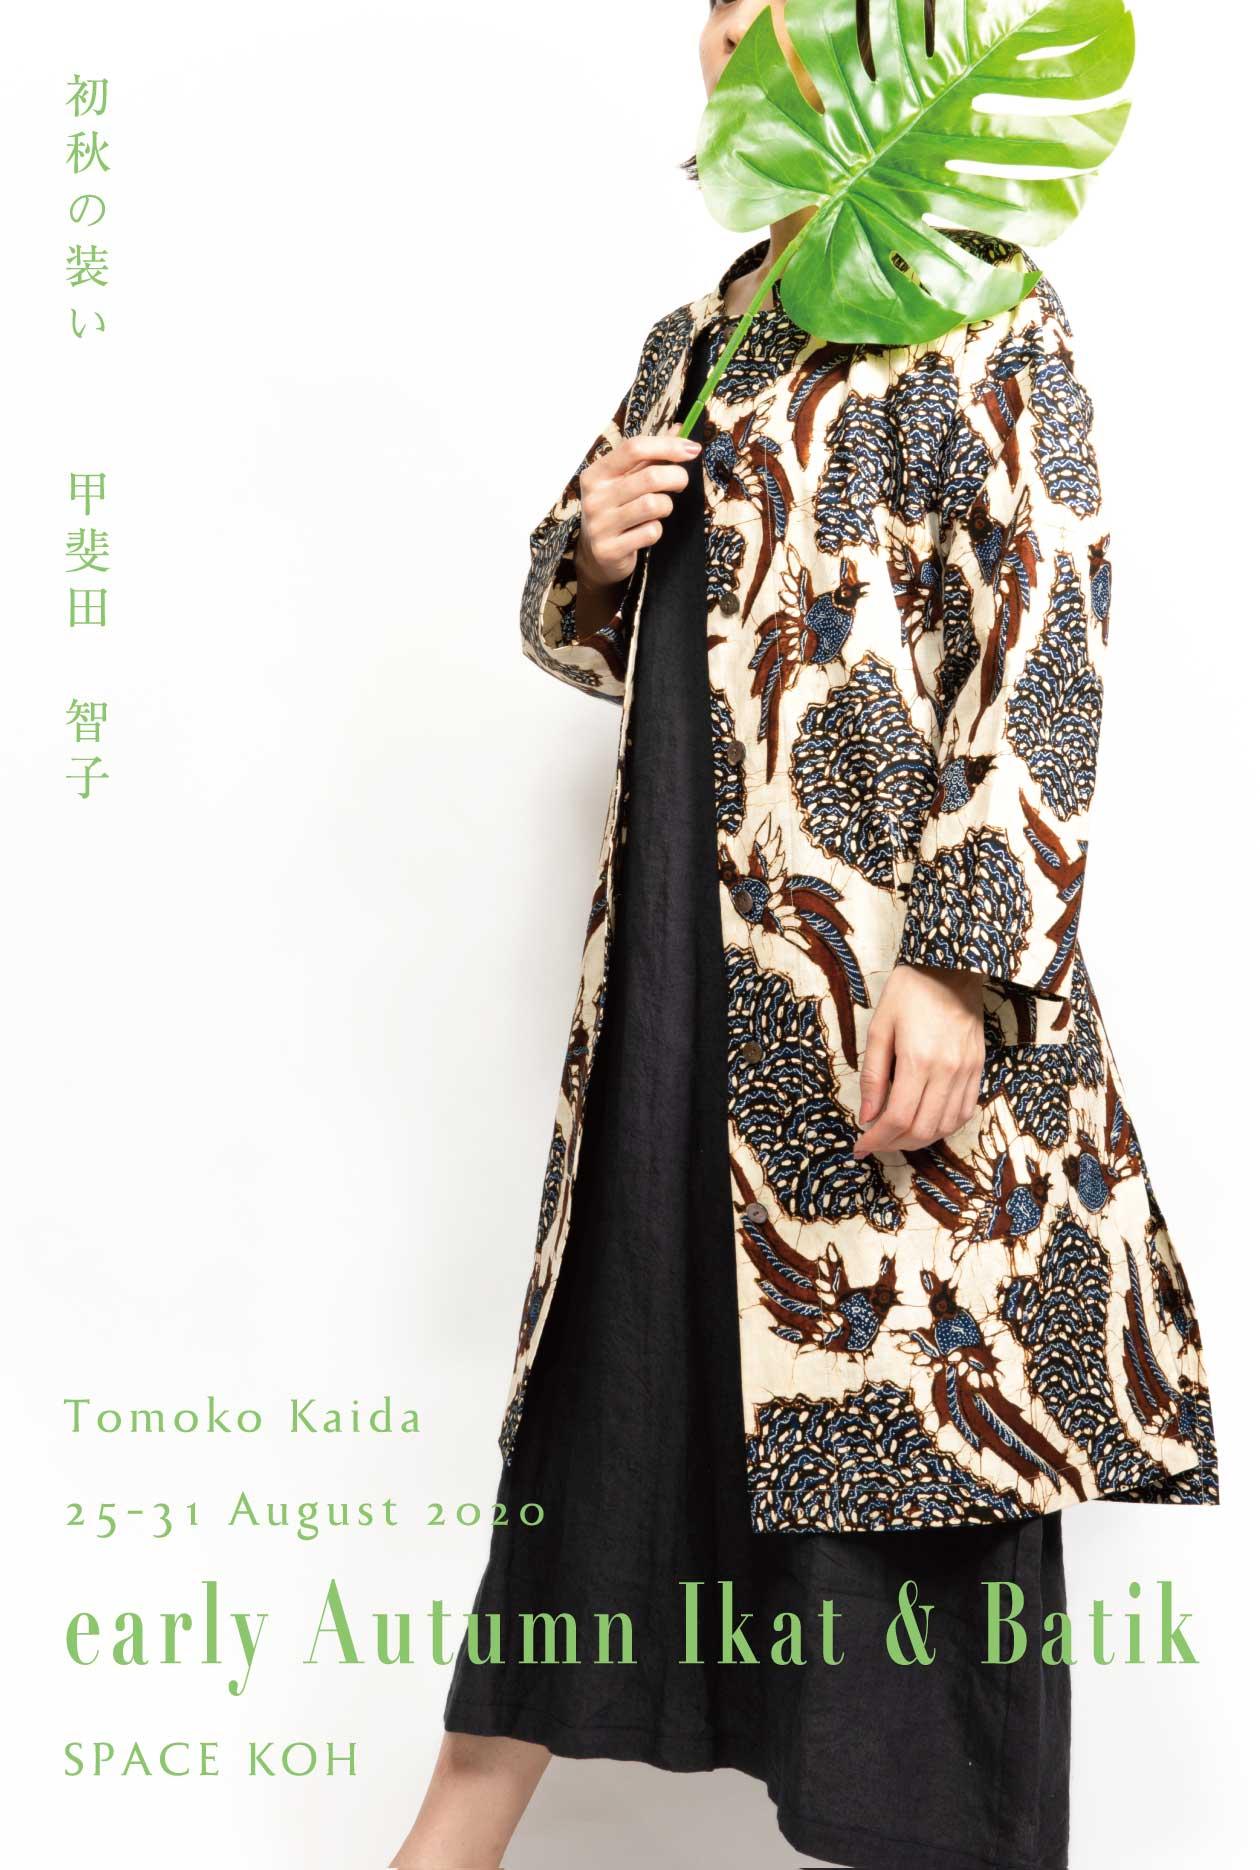 初秋の装い 手織りの絣のイカット、ろうけつ染めのバティック バリのイカット&バティック展